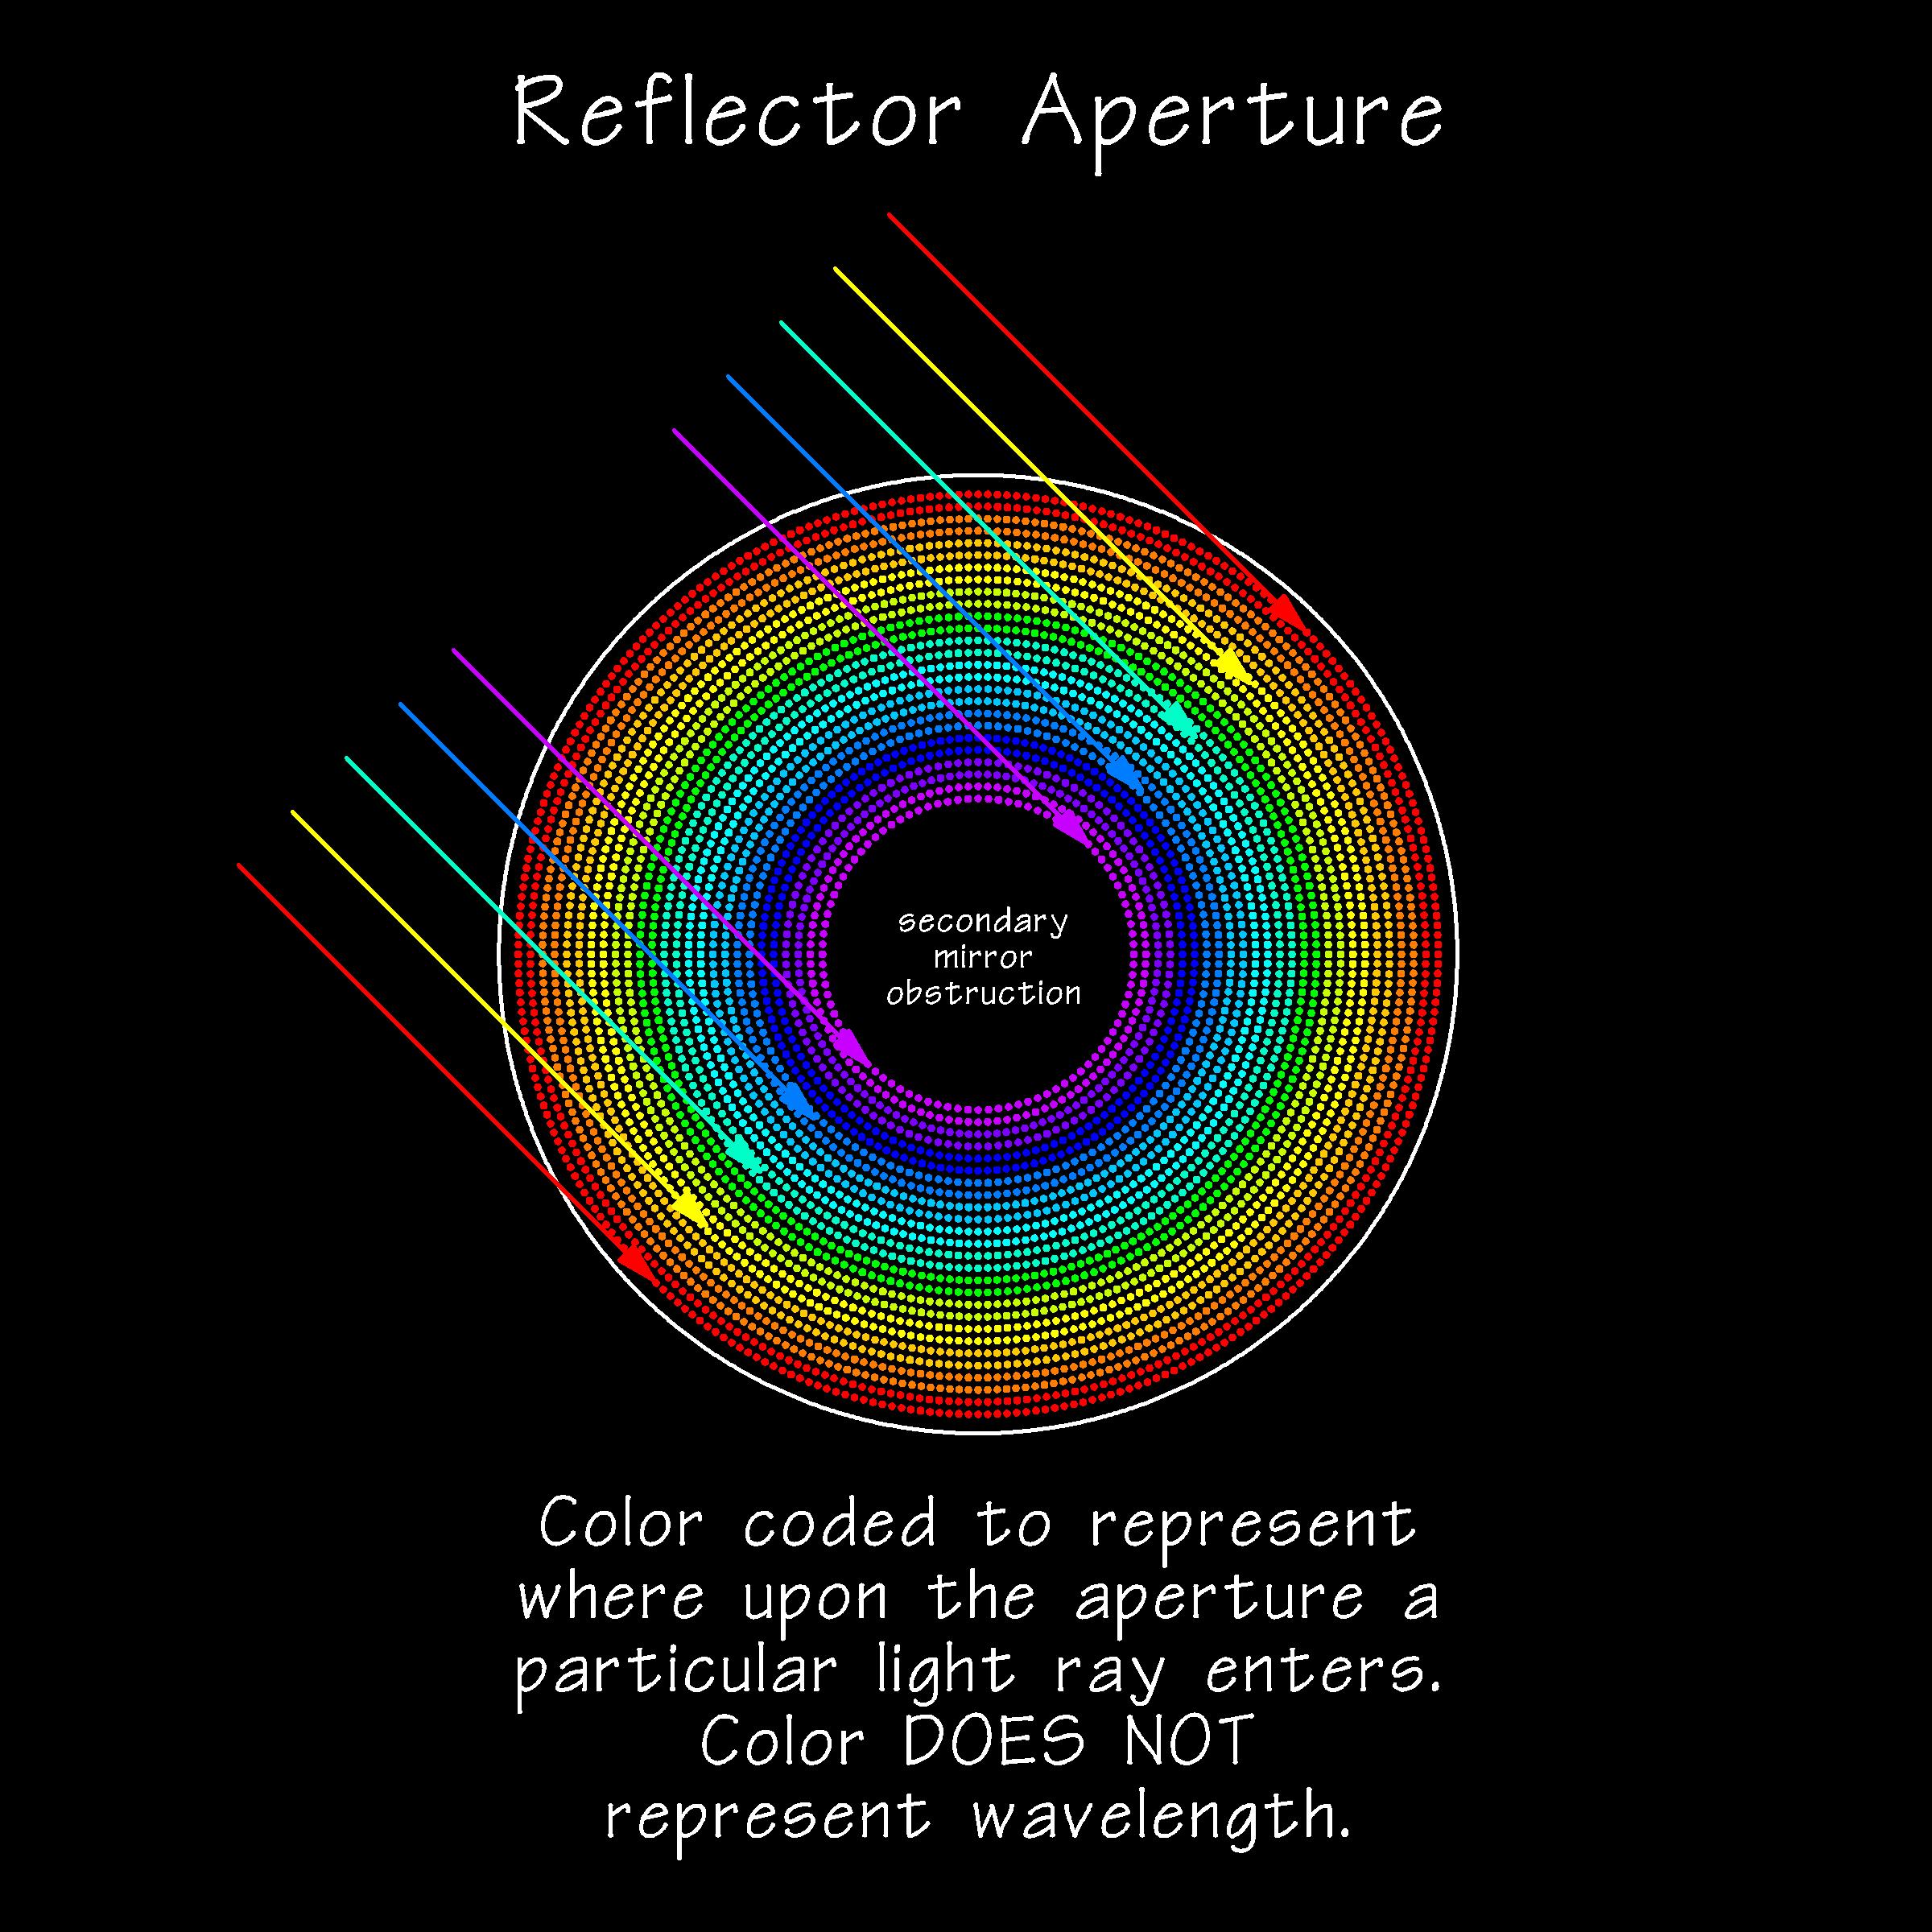 ReflectorApertureSpotDiagram